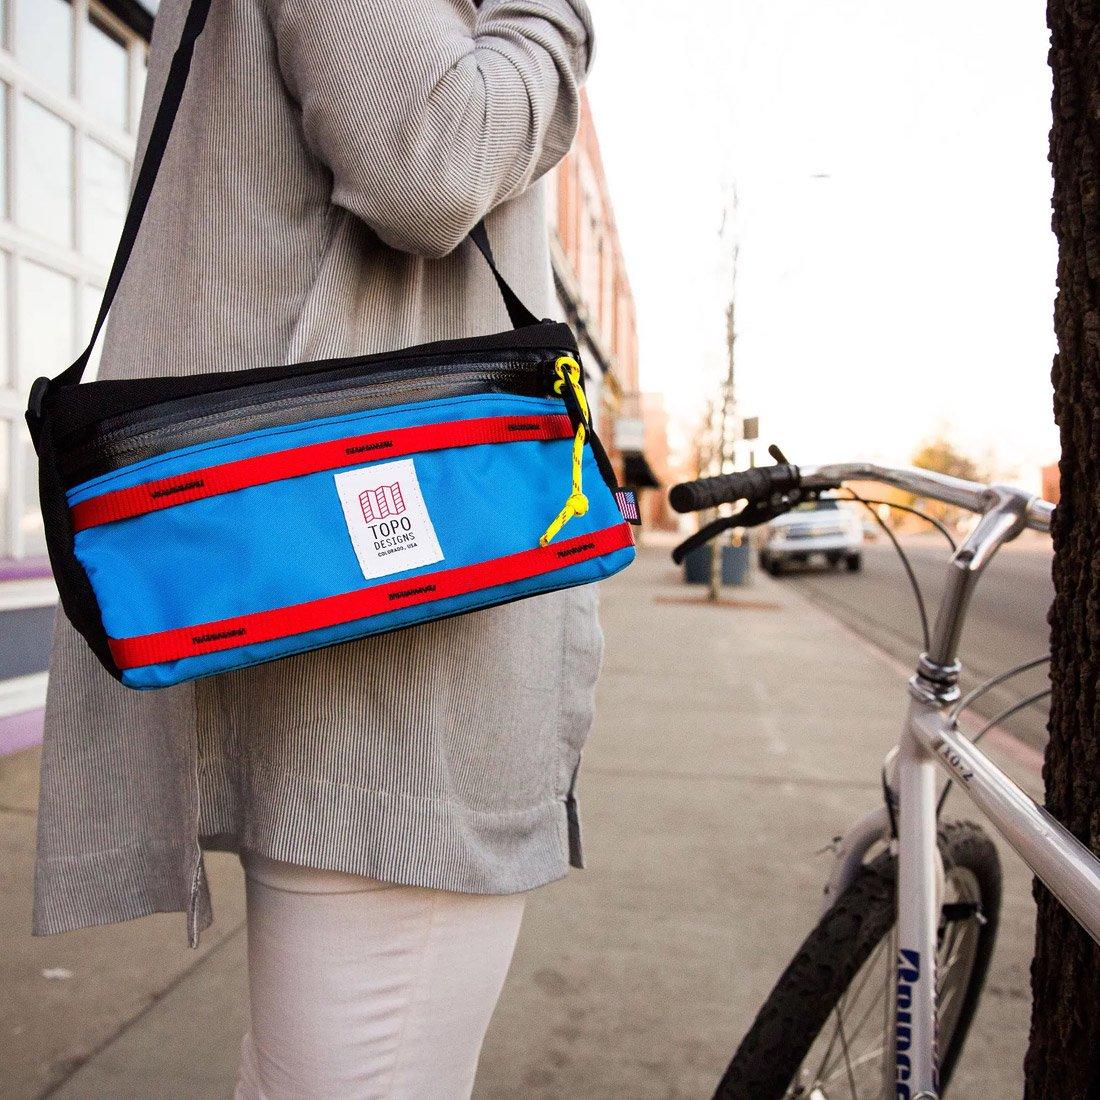 תיק לאופניים - Bike Bag - Topo Designs